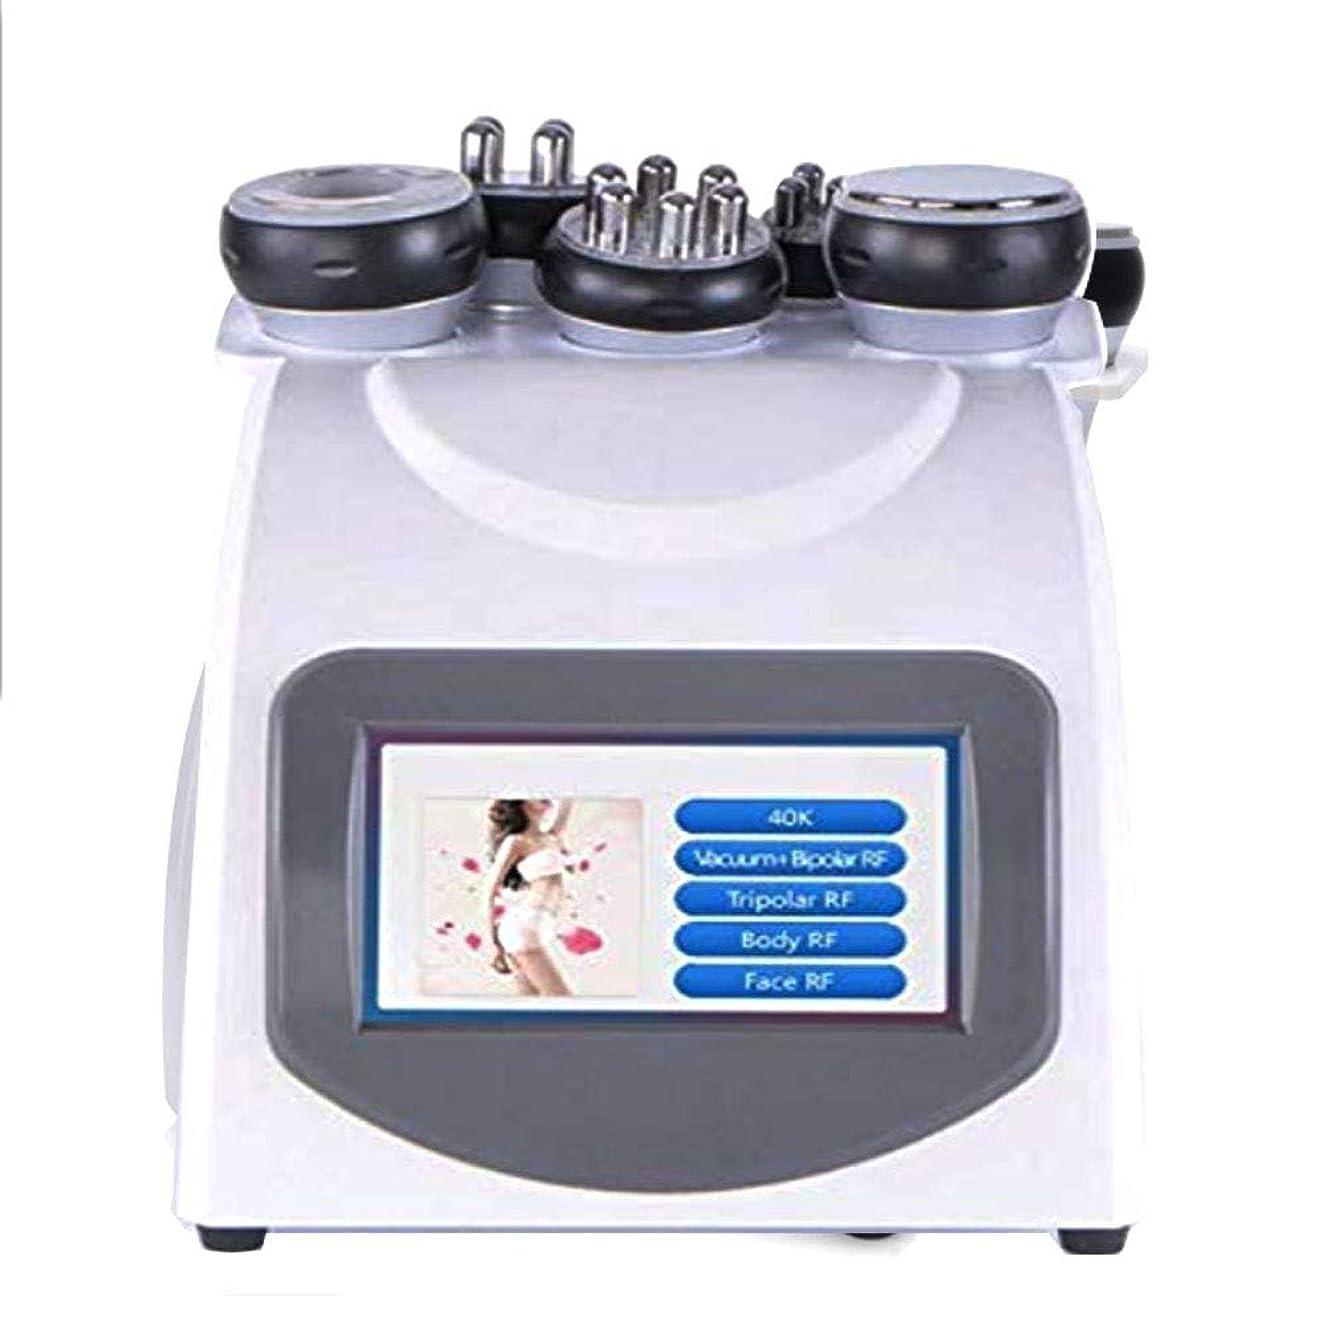 ラップトップ肉腫も減量の無線周波数機械、5イン1の超音波セルライトの脂肪質RFのキャビテーション装置、40k超音波真空の指圧は、セルライトの脂肪質の減少を減らします